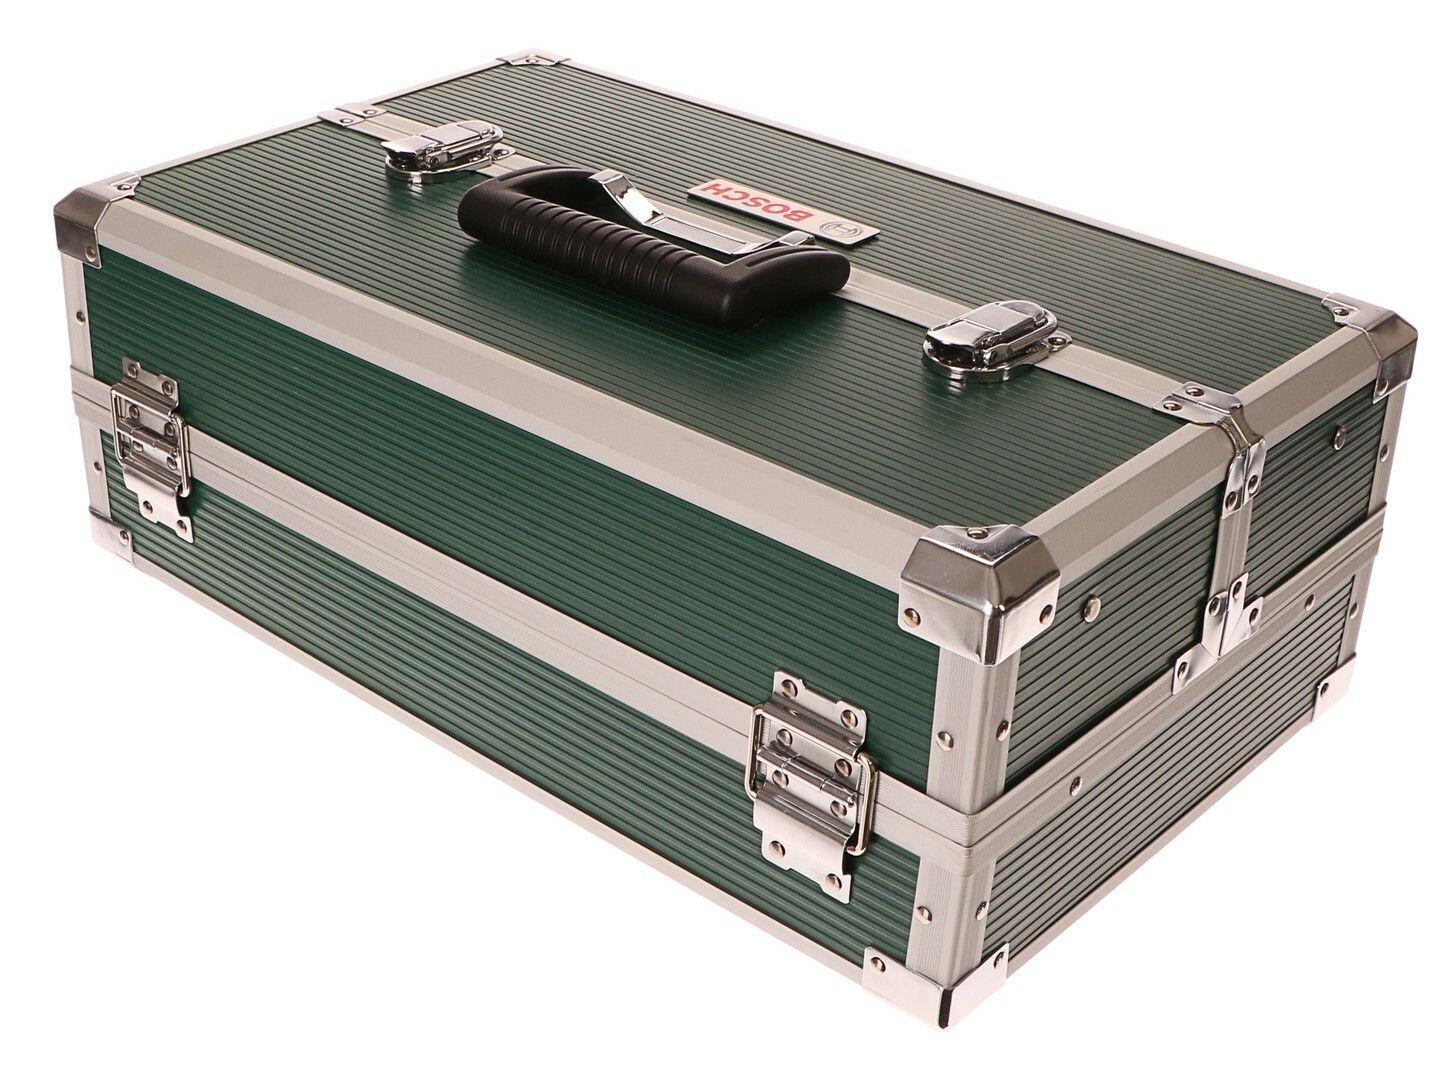 Kufr na nářadí s příslušenstvím 240ks - bity, vrtáky, hmoždinky, šrouby BOSCH